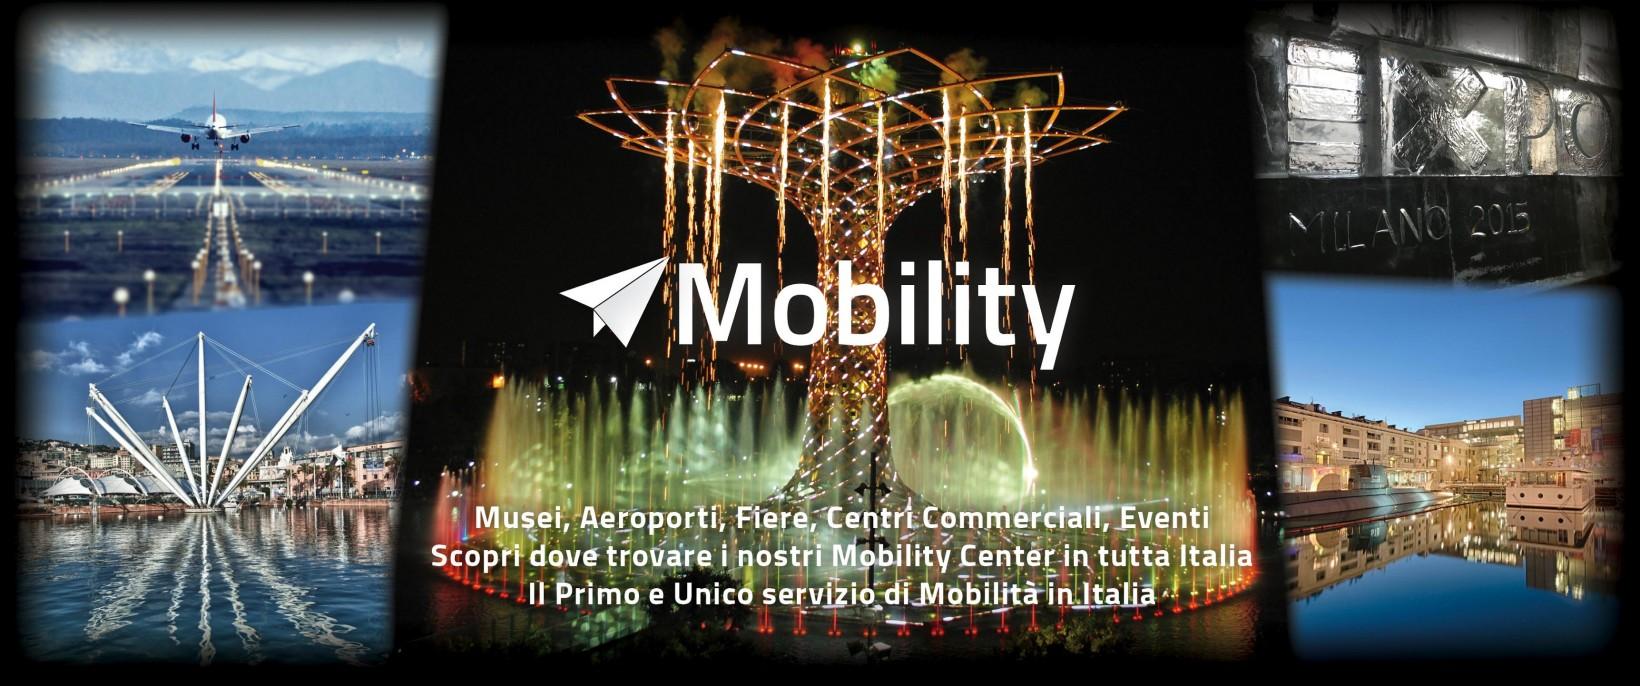 mobility eventi